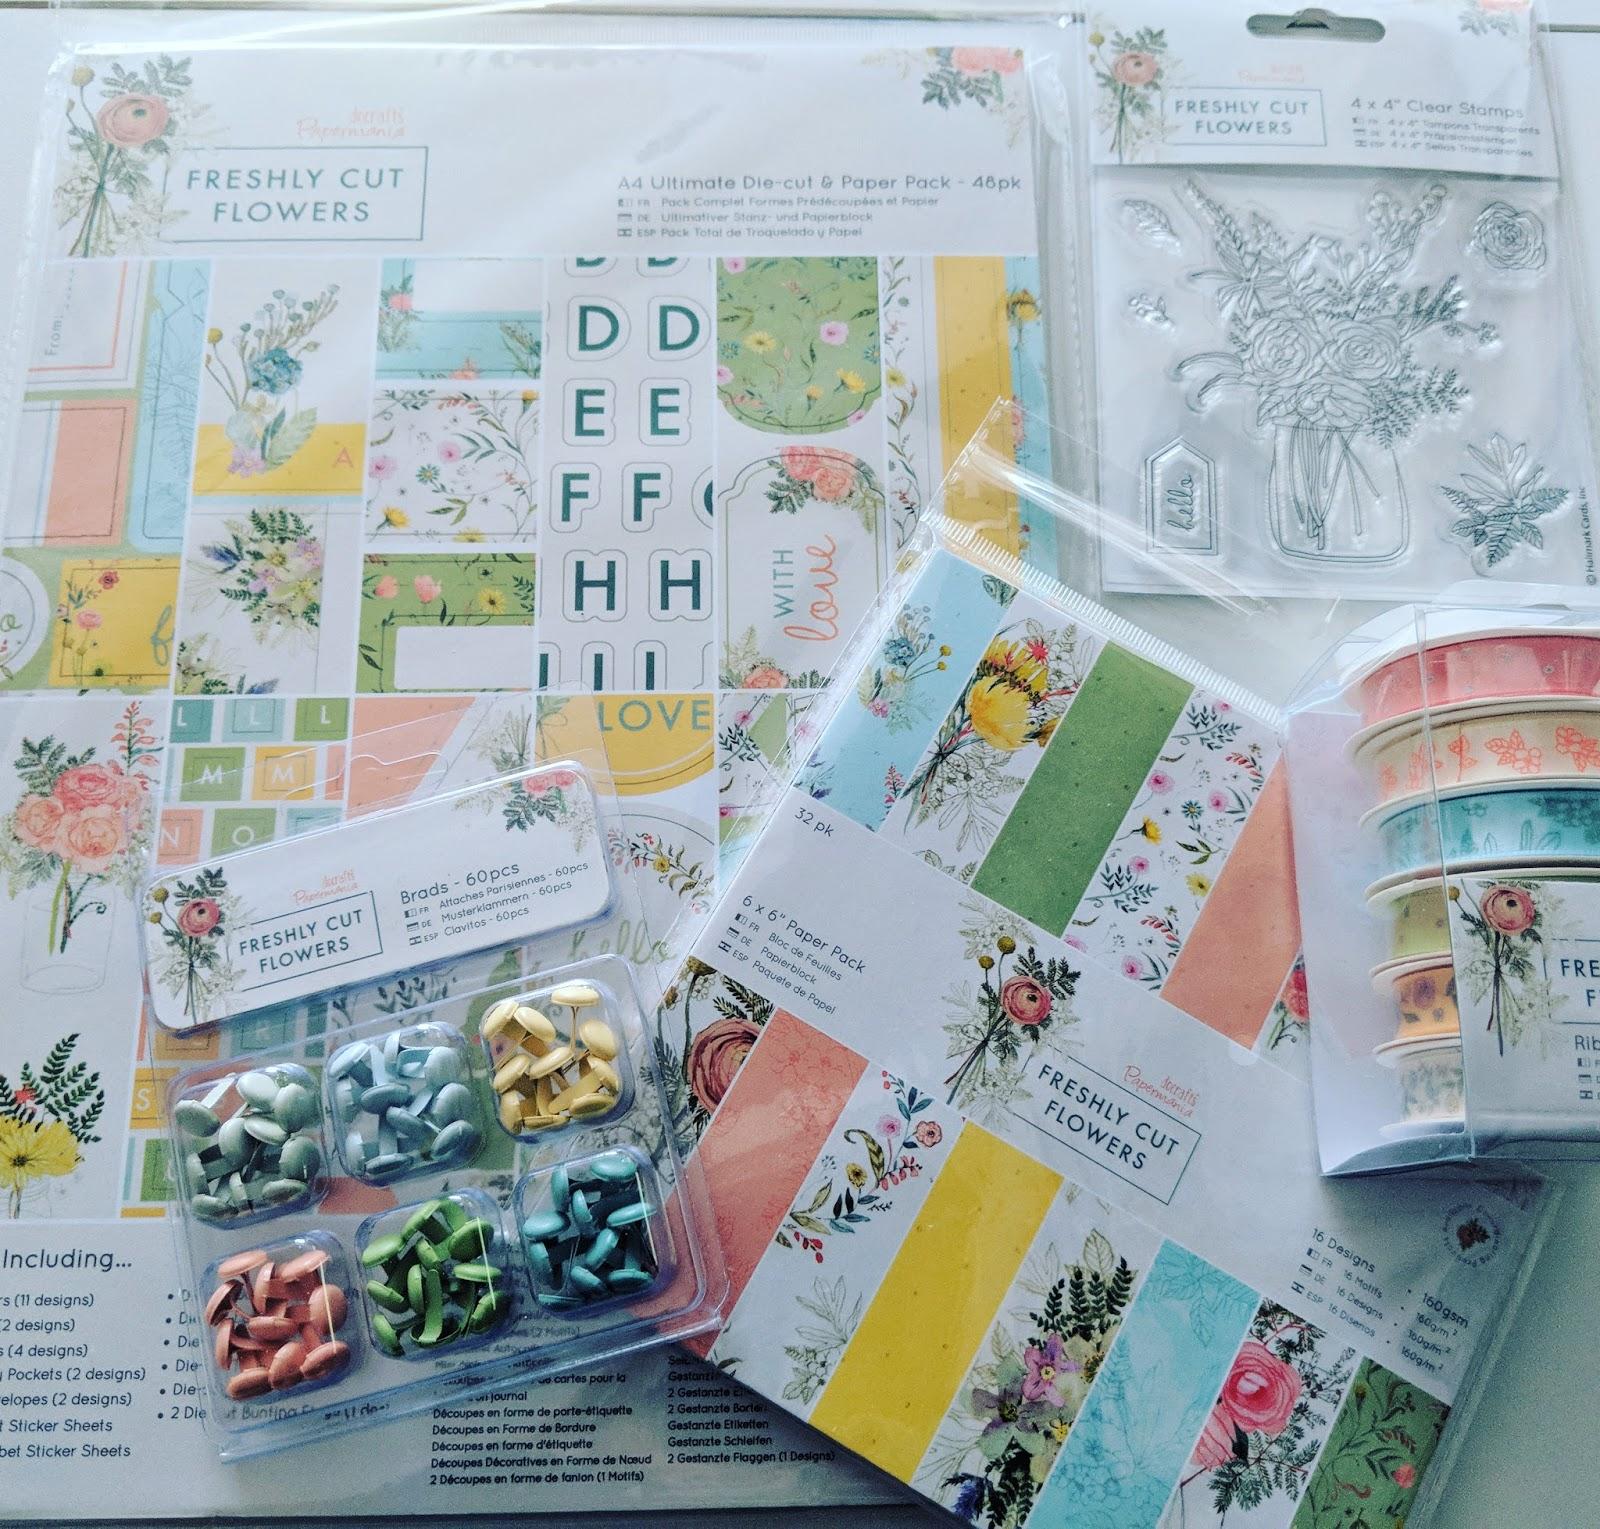 Papermania - Freshly Cut Flowers 48pk A4 Ultimate Die-cut /& Paper Pack